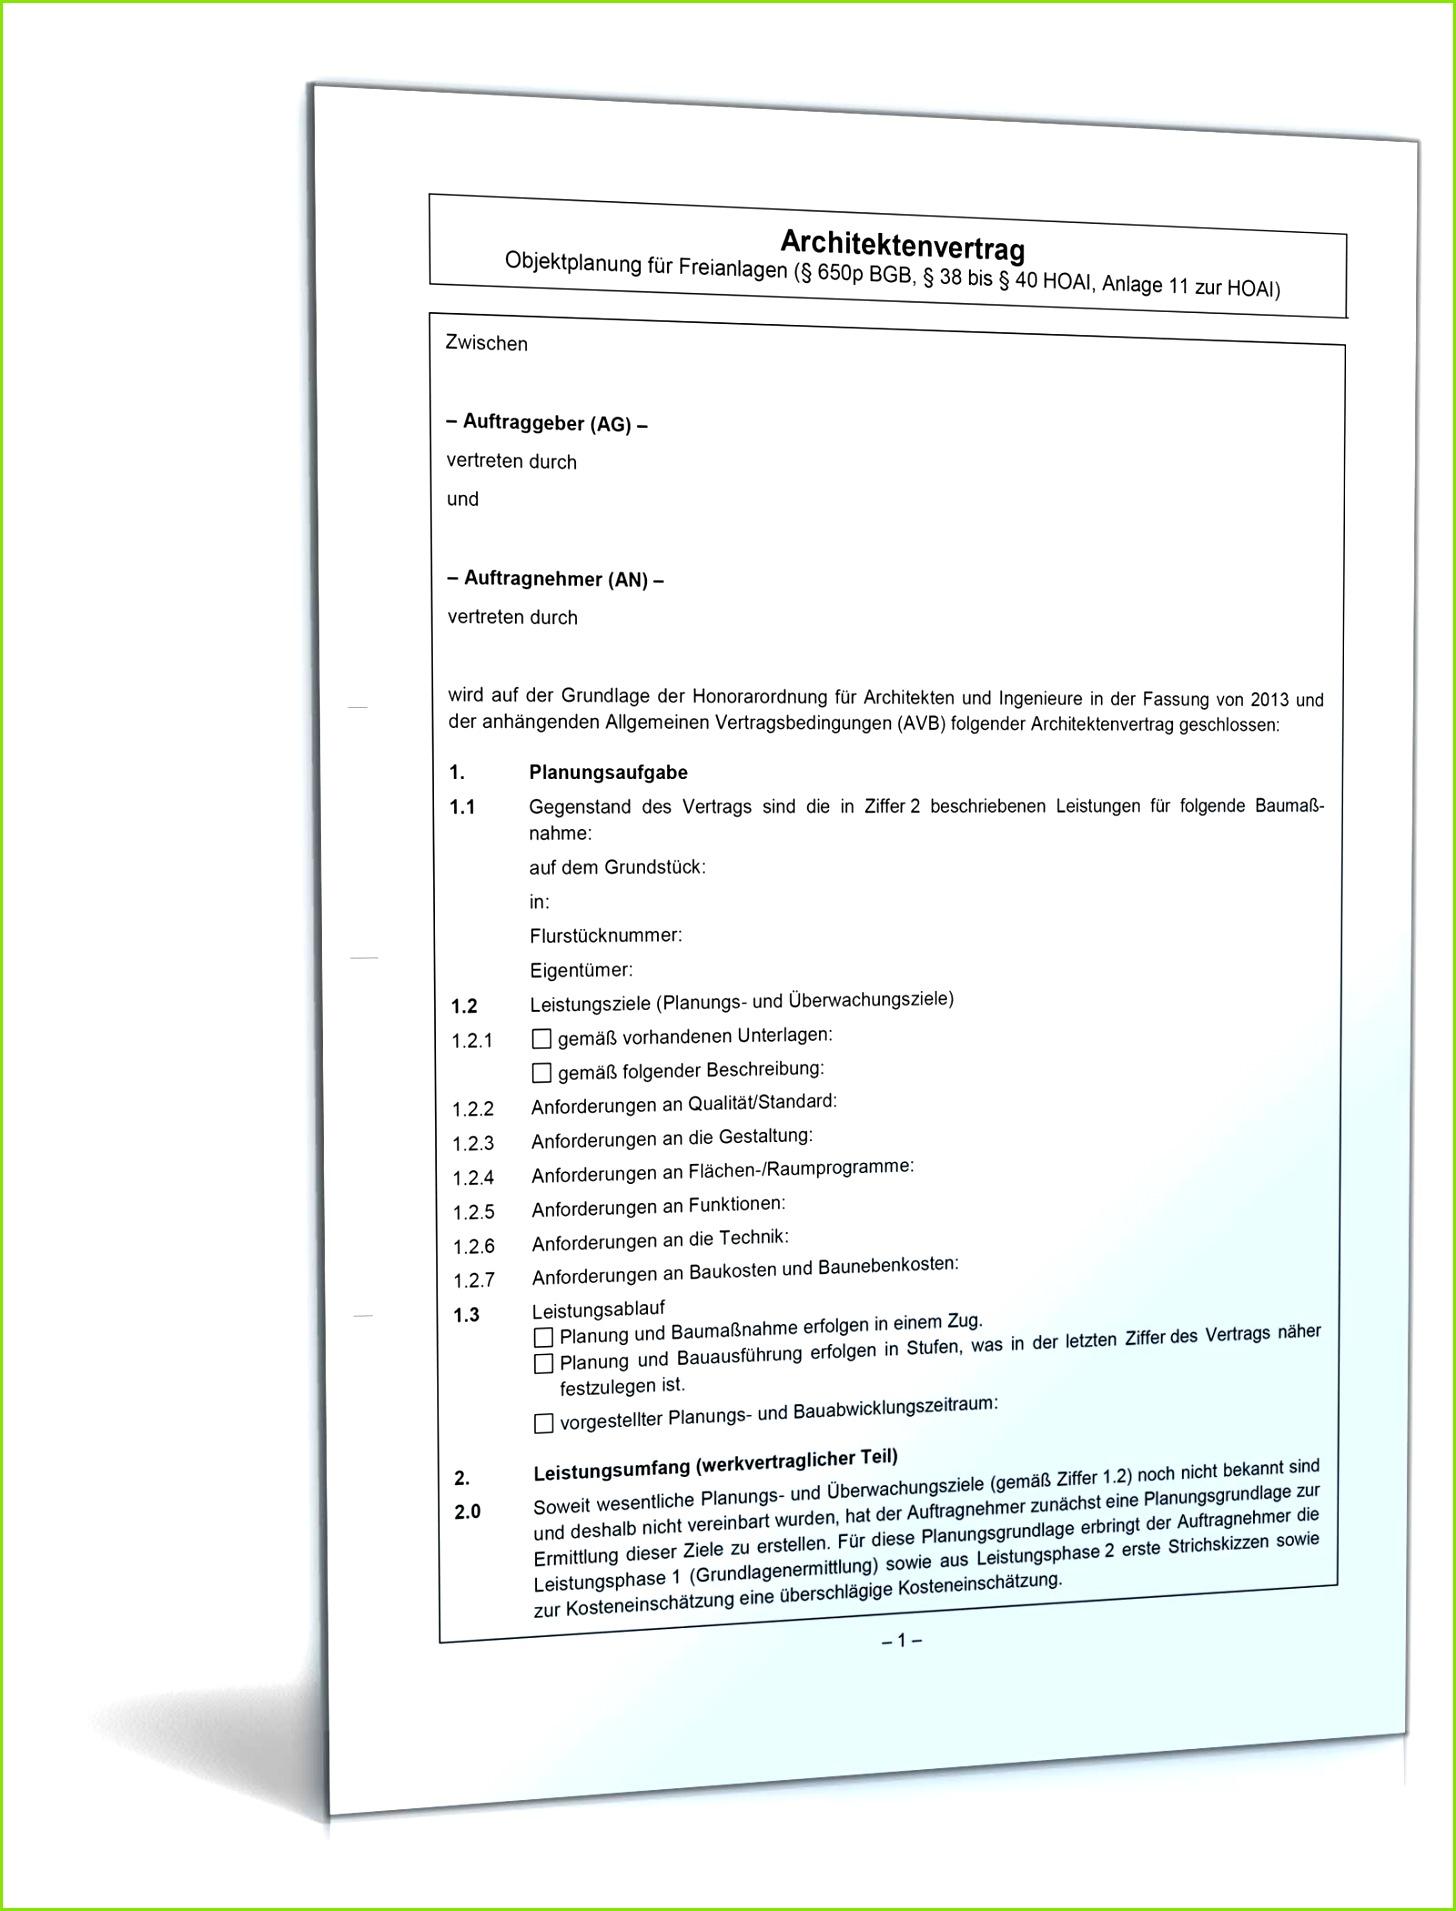 Architektenvertrag Objektplanung Freianlagen